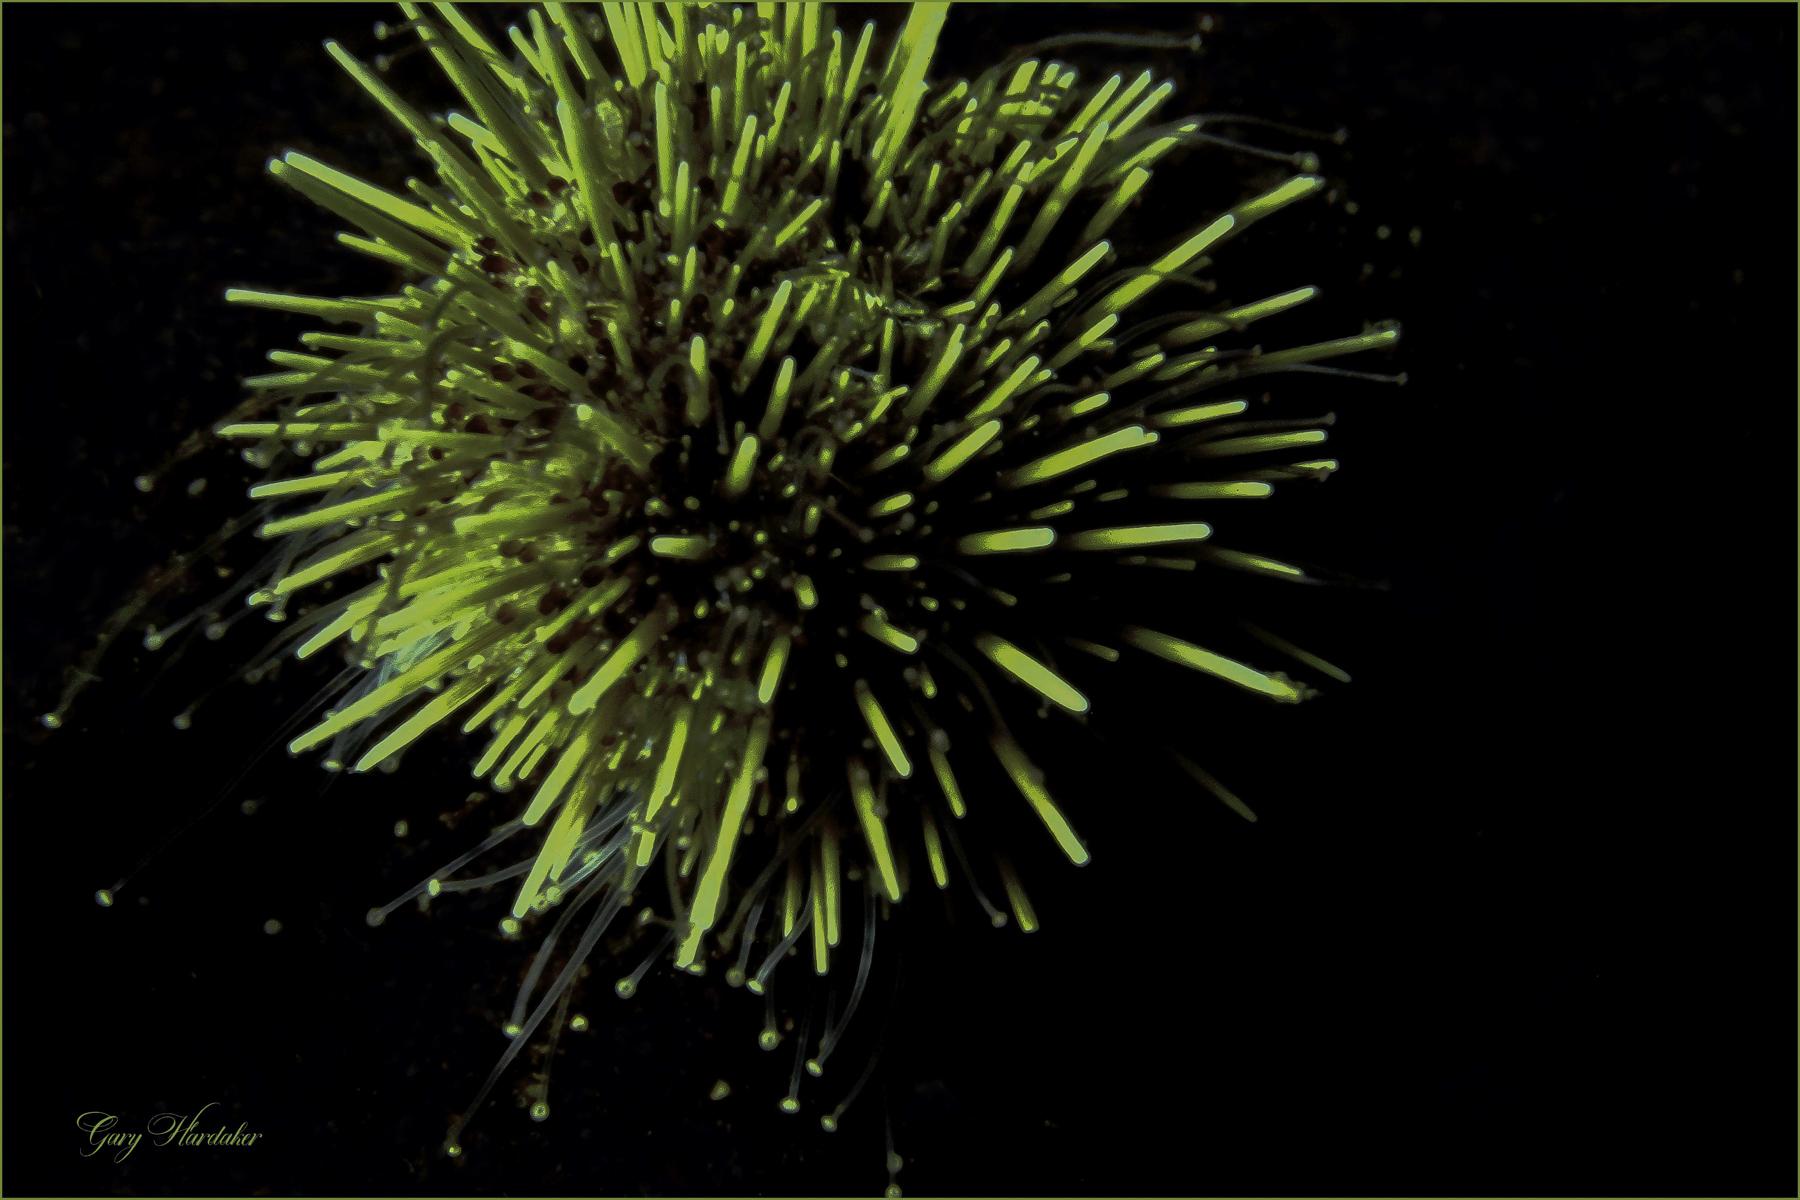 Green Sea Urchin- Gary Hardaker